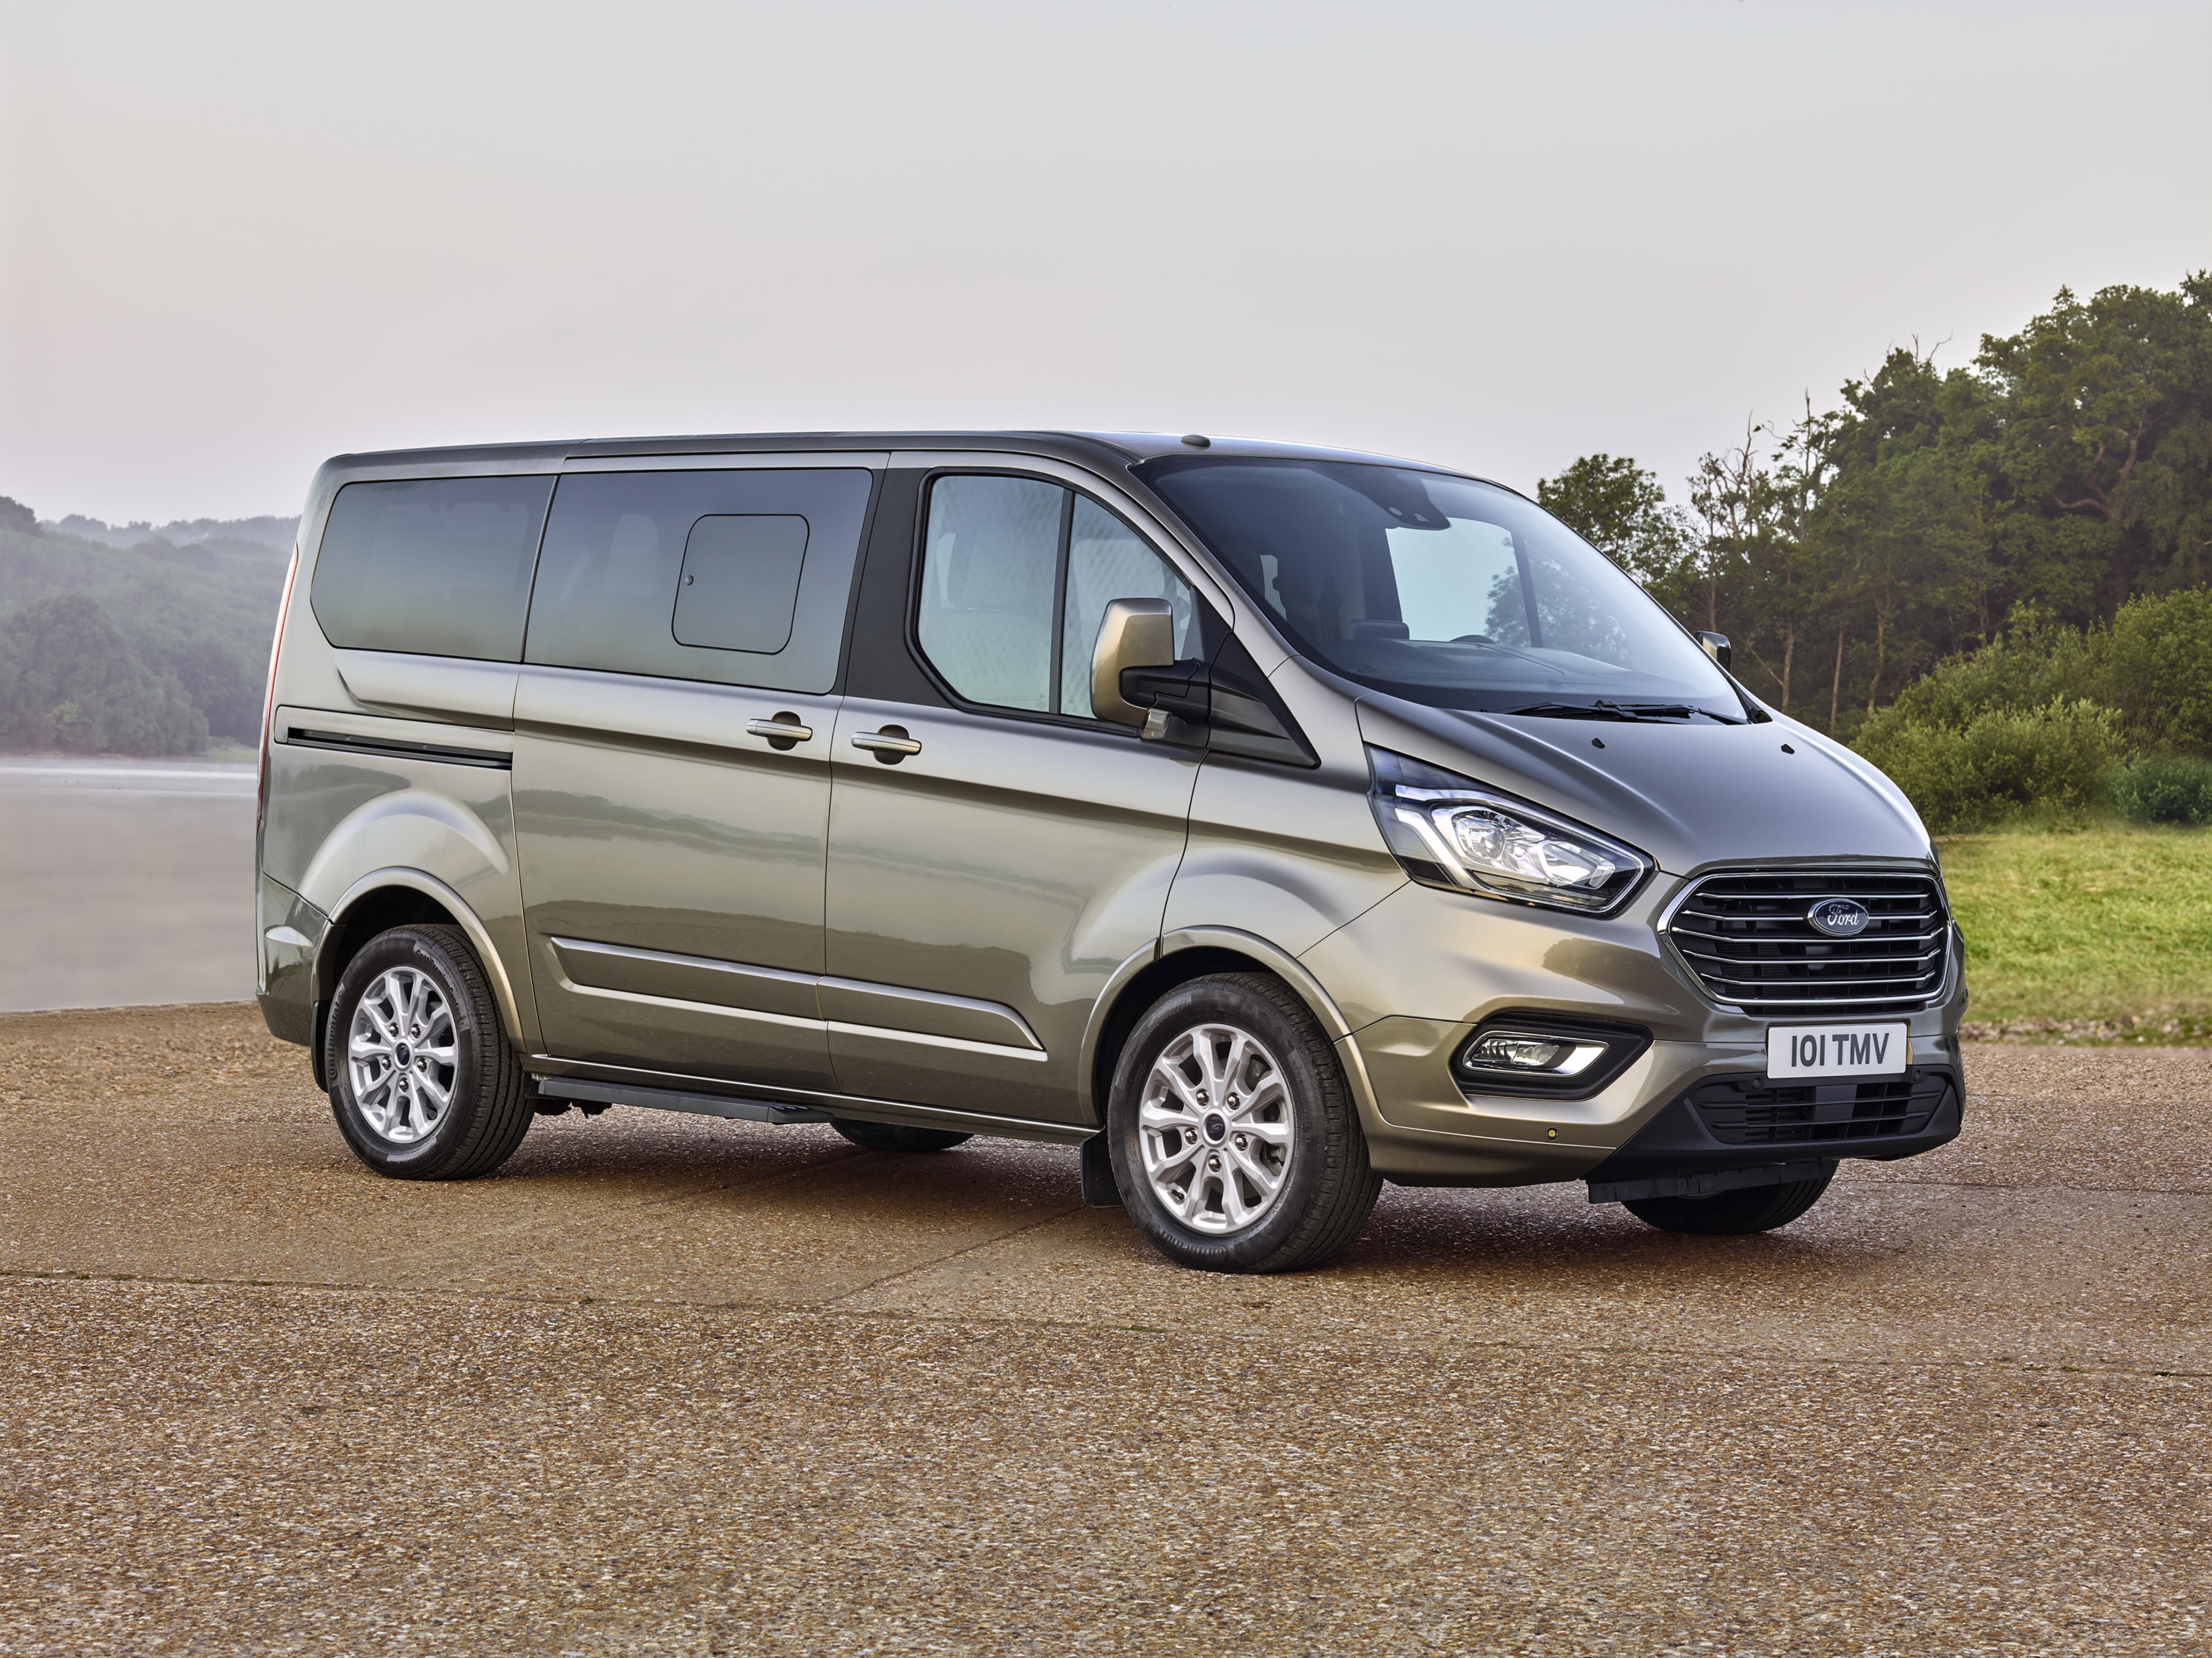 neuer ford tourneo custom der ideale personentransporter f r business und freizeit. Black Bedroom Furniture Sets. Home Design Ideas